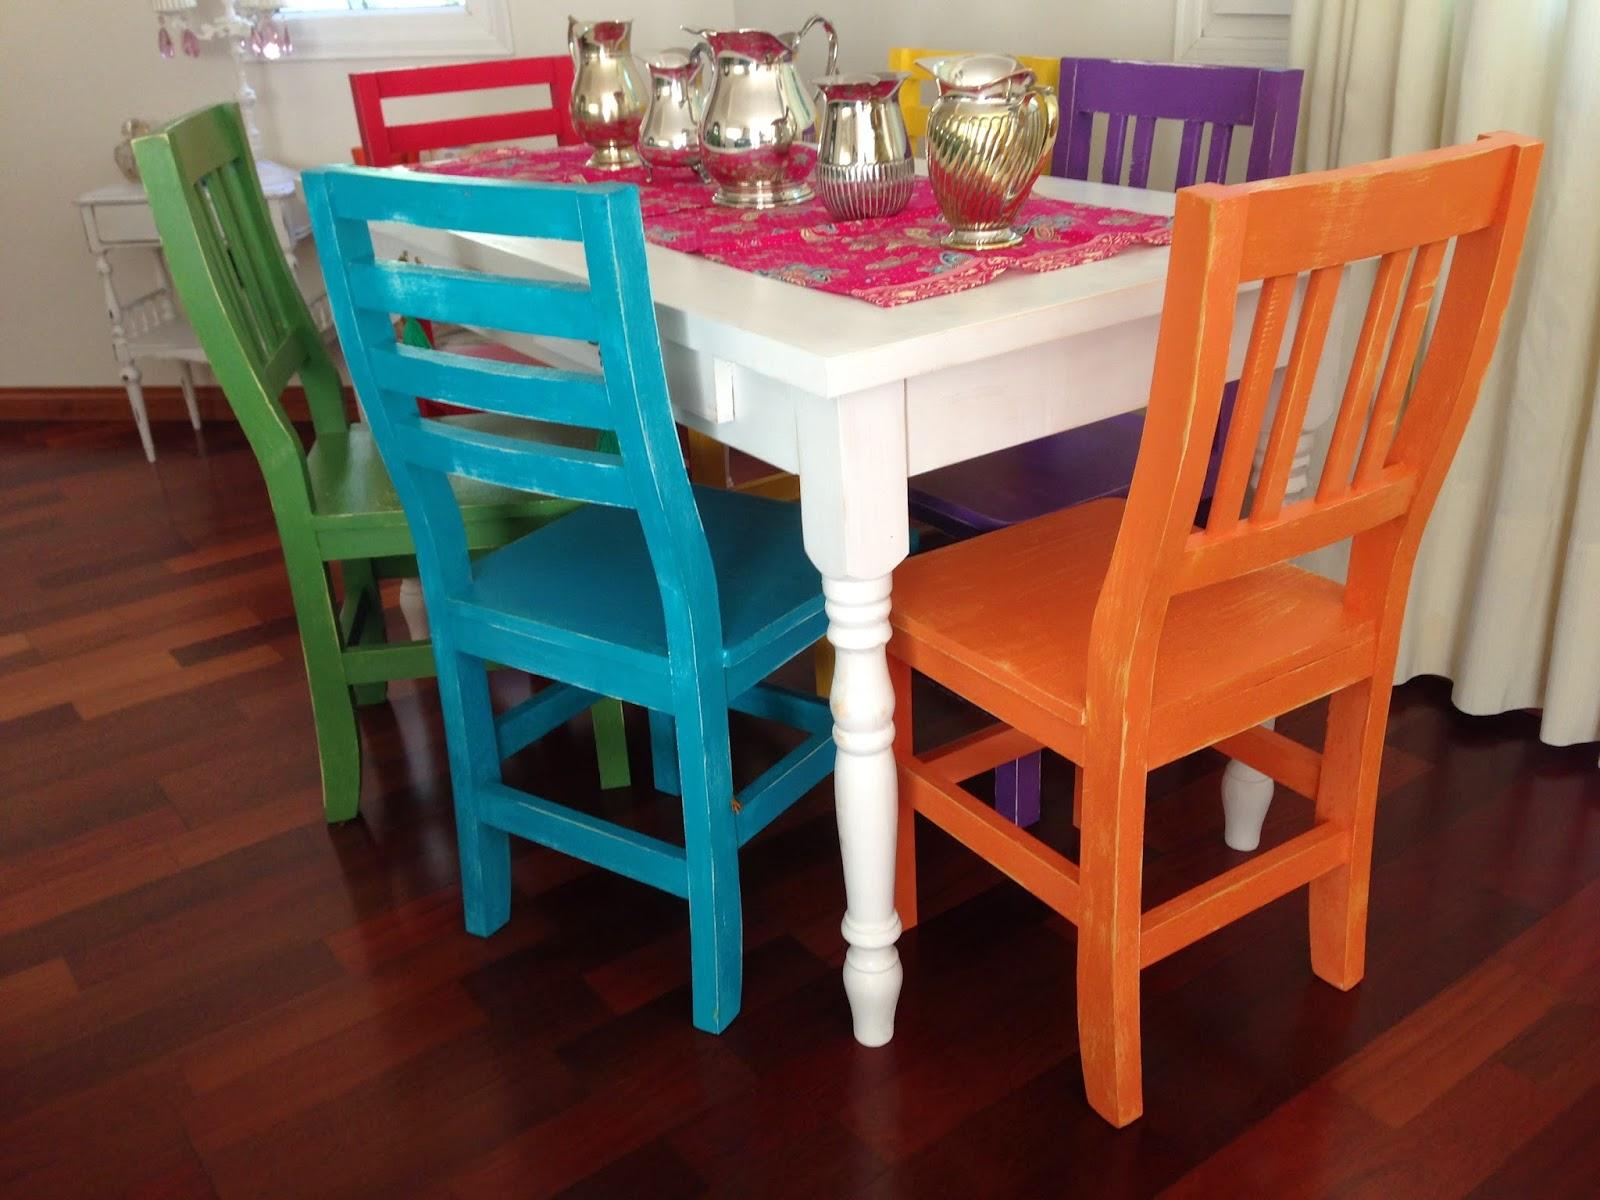 Vintouch muebles reciclados pintados a mano mesa - Colores de muebles ...